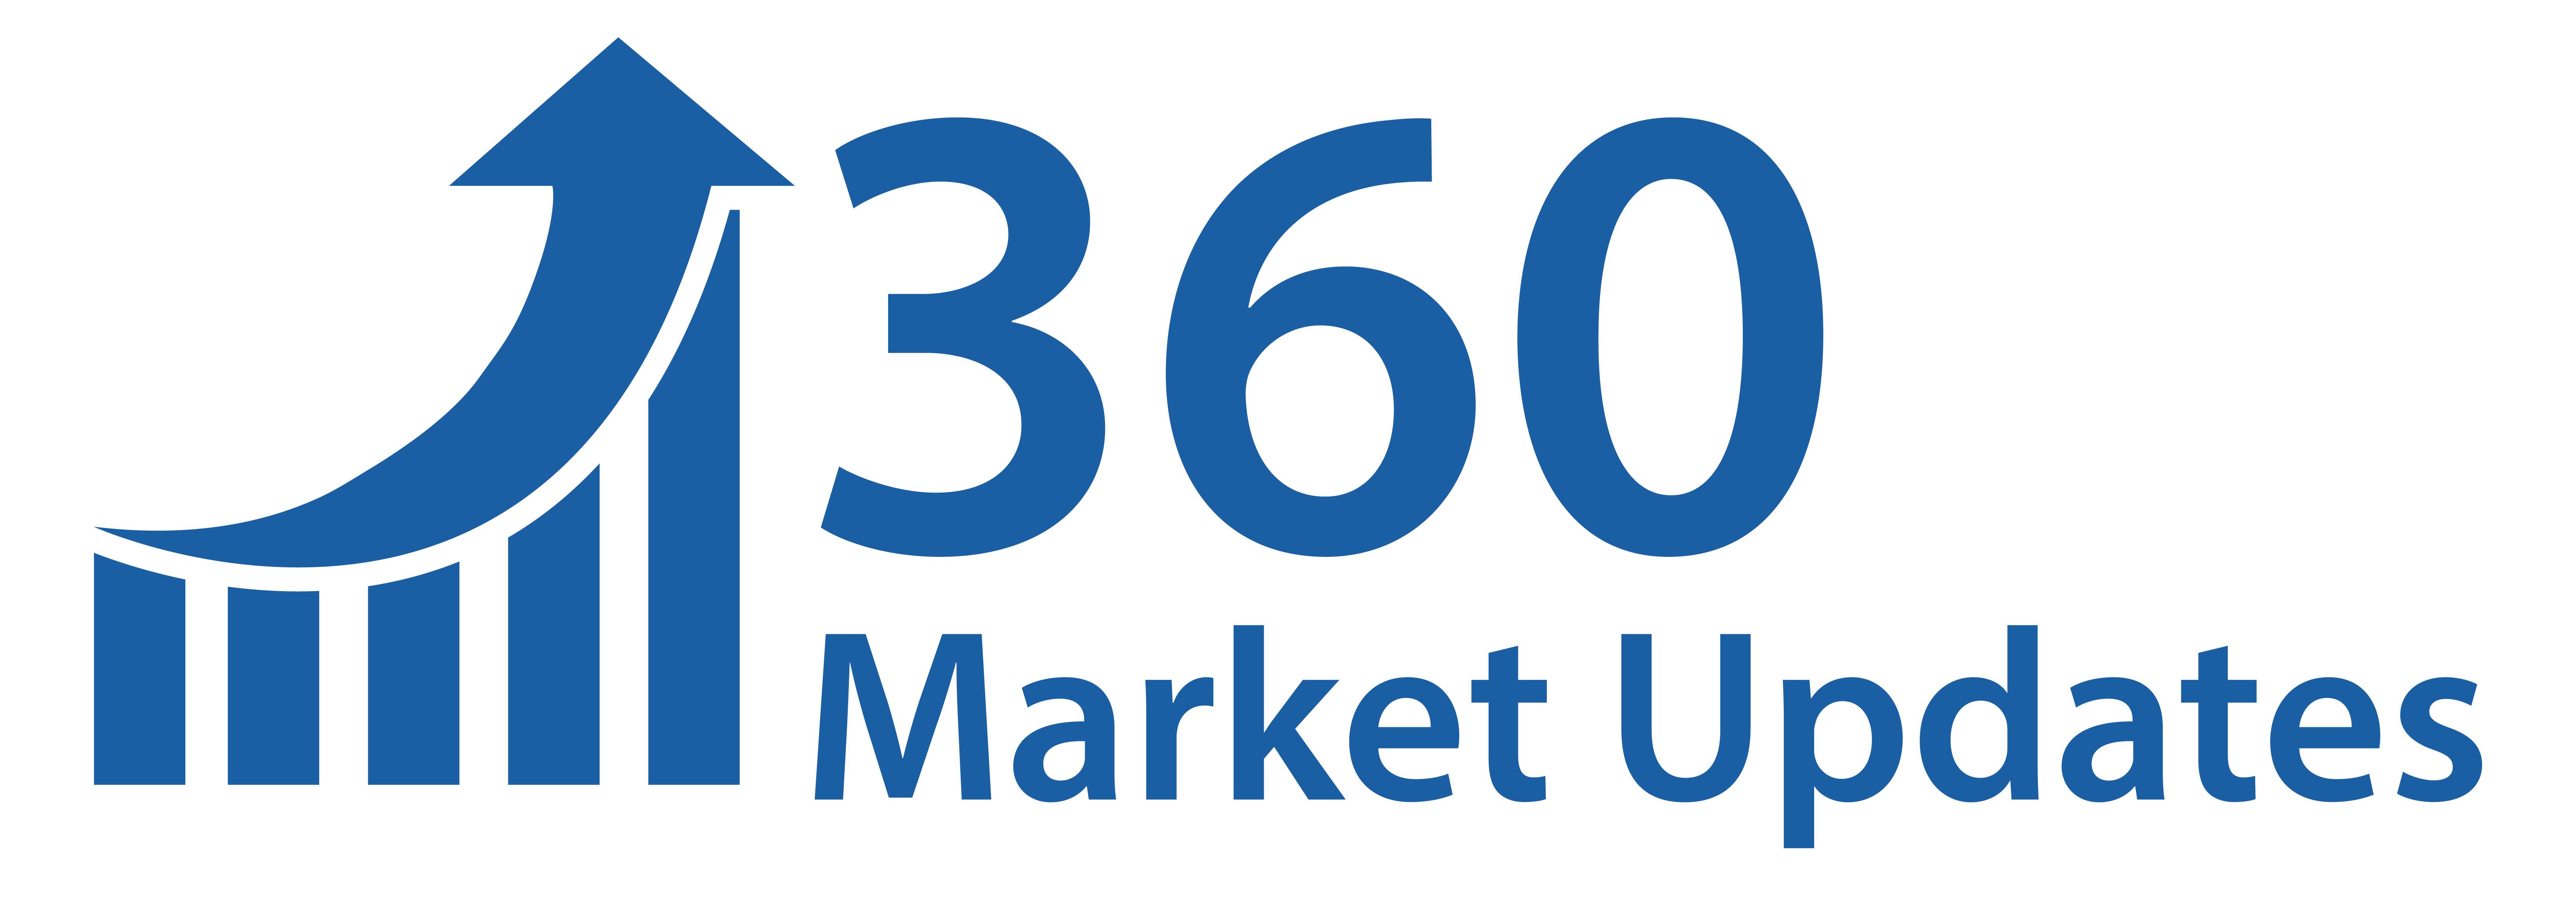 IPhone Docks Market 2020 – Branchennachfrage, Aktie, Größe, Zukunftstrends Pläne, Wachstumschancen, Schlüsselakteure, Anwendung, Nachfrage, Branchenforschungsbericht von Regional Forecast to 2023 | 360 Markt-Updates